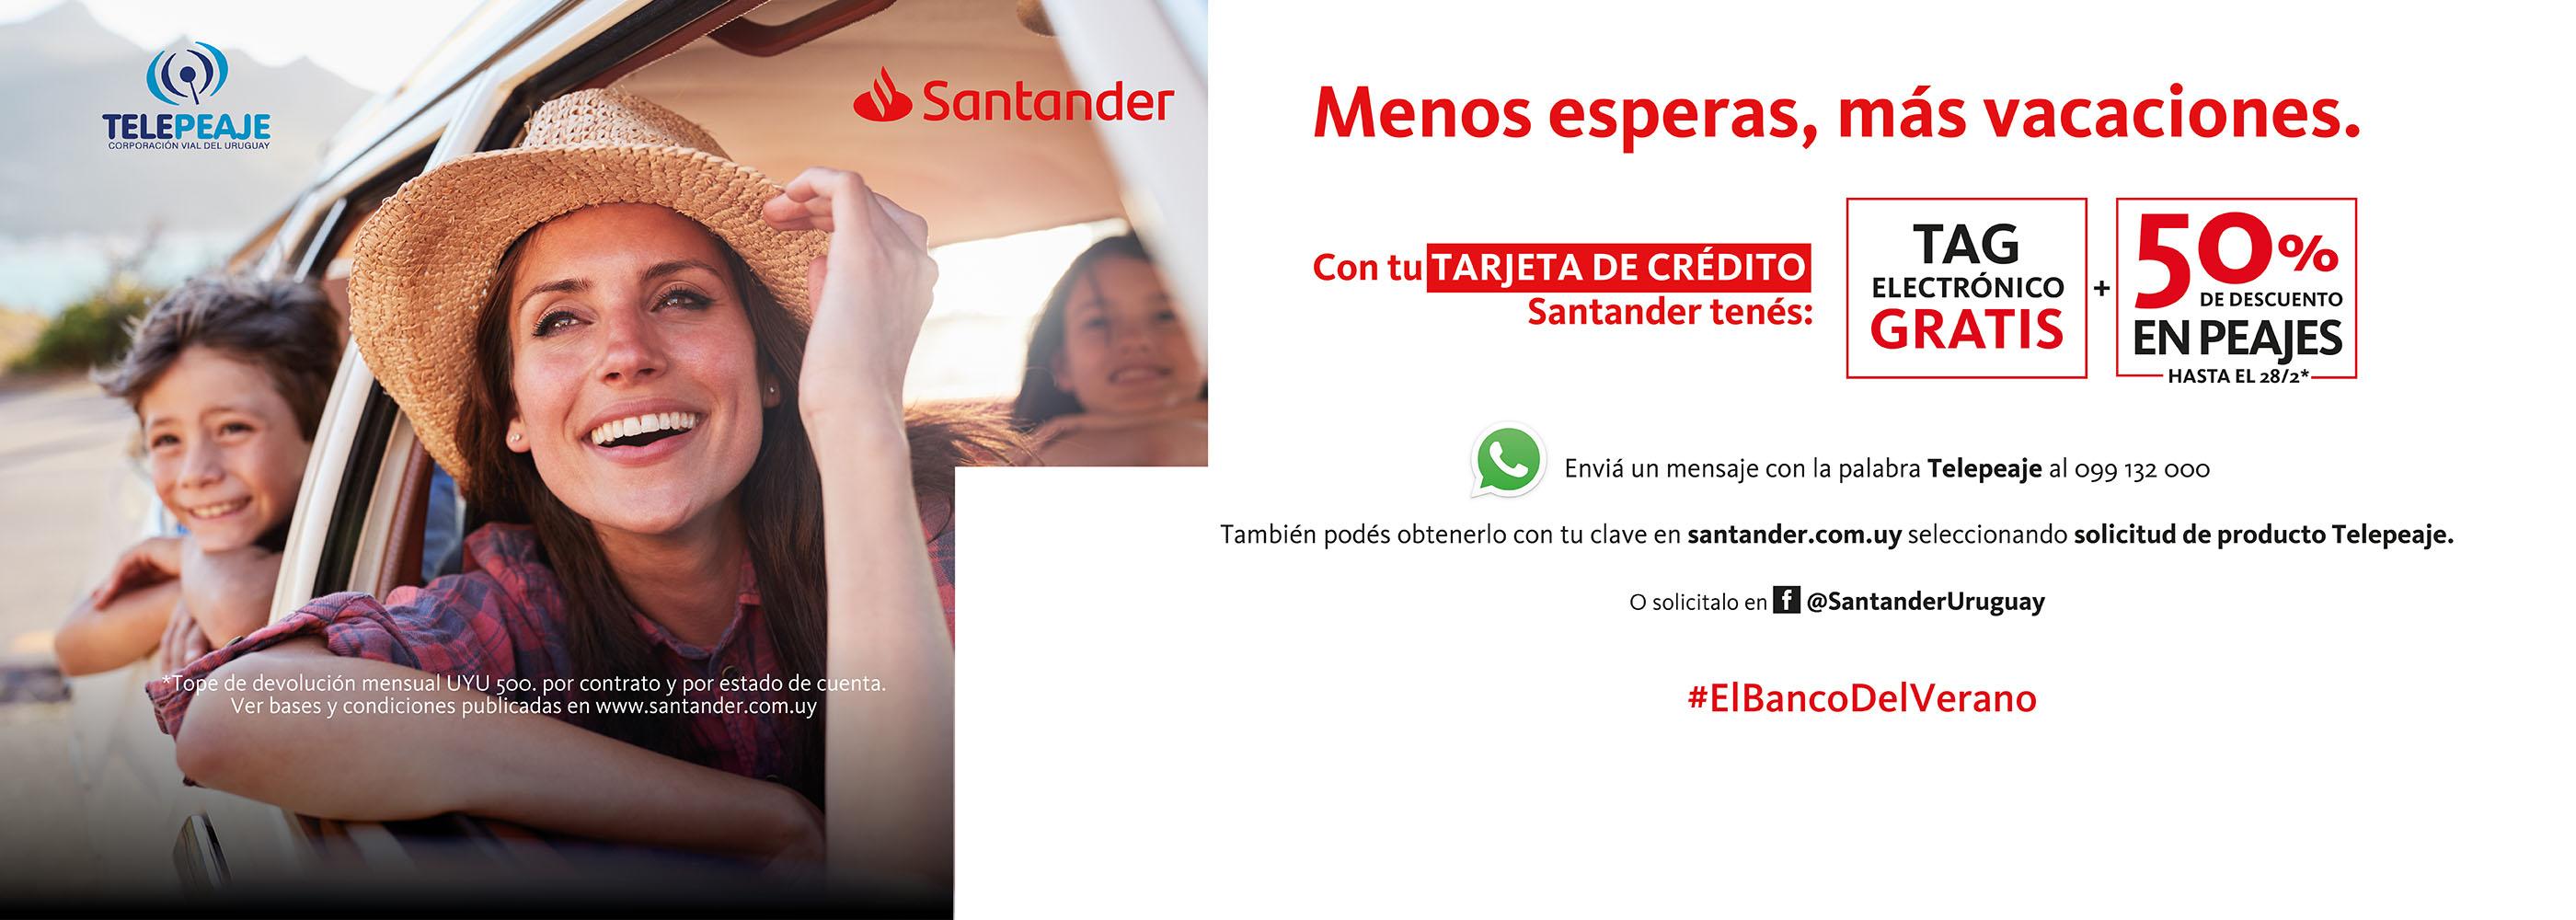 Descuentos Santander Telepeaje 2019